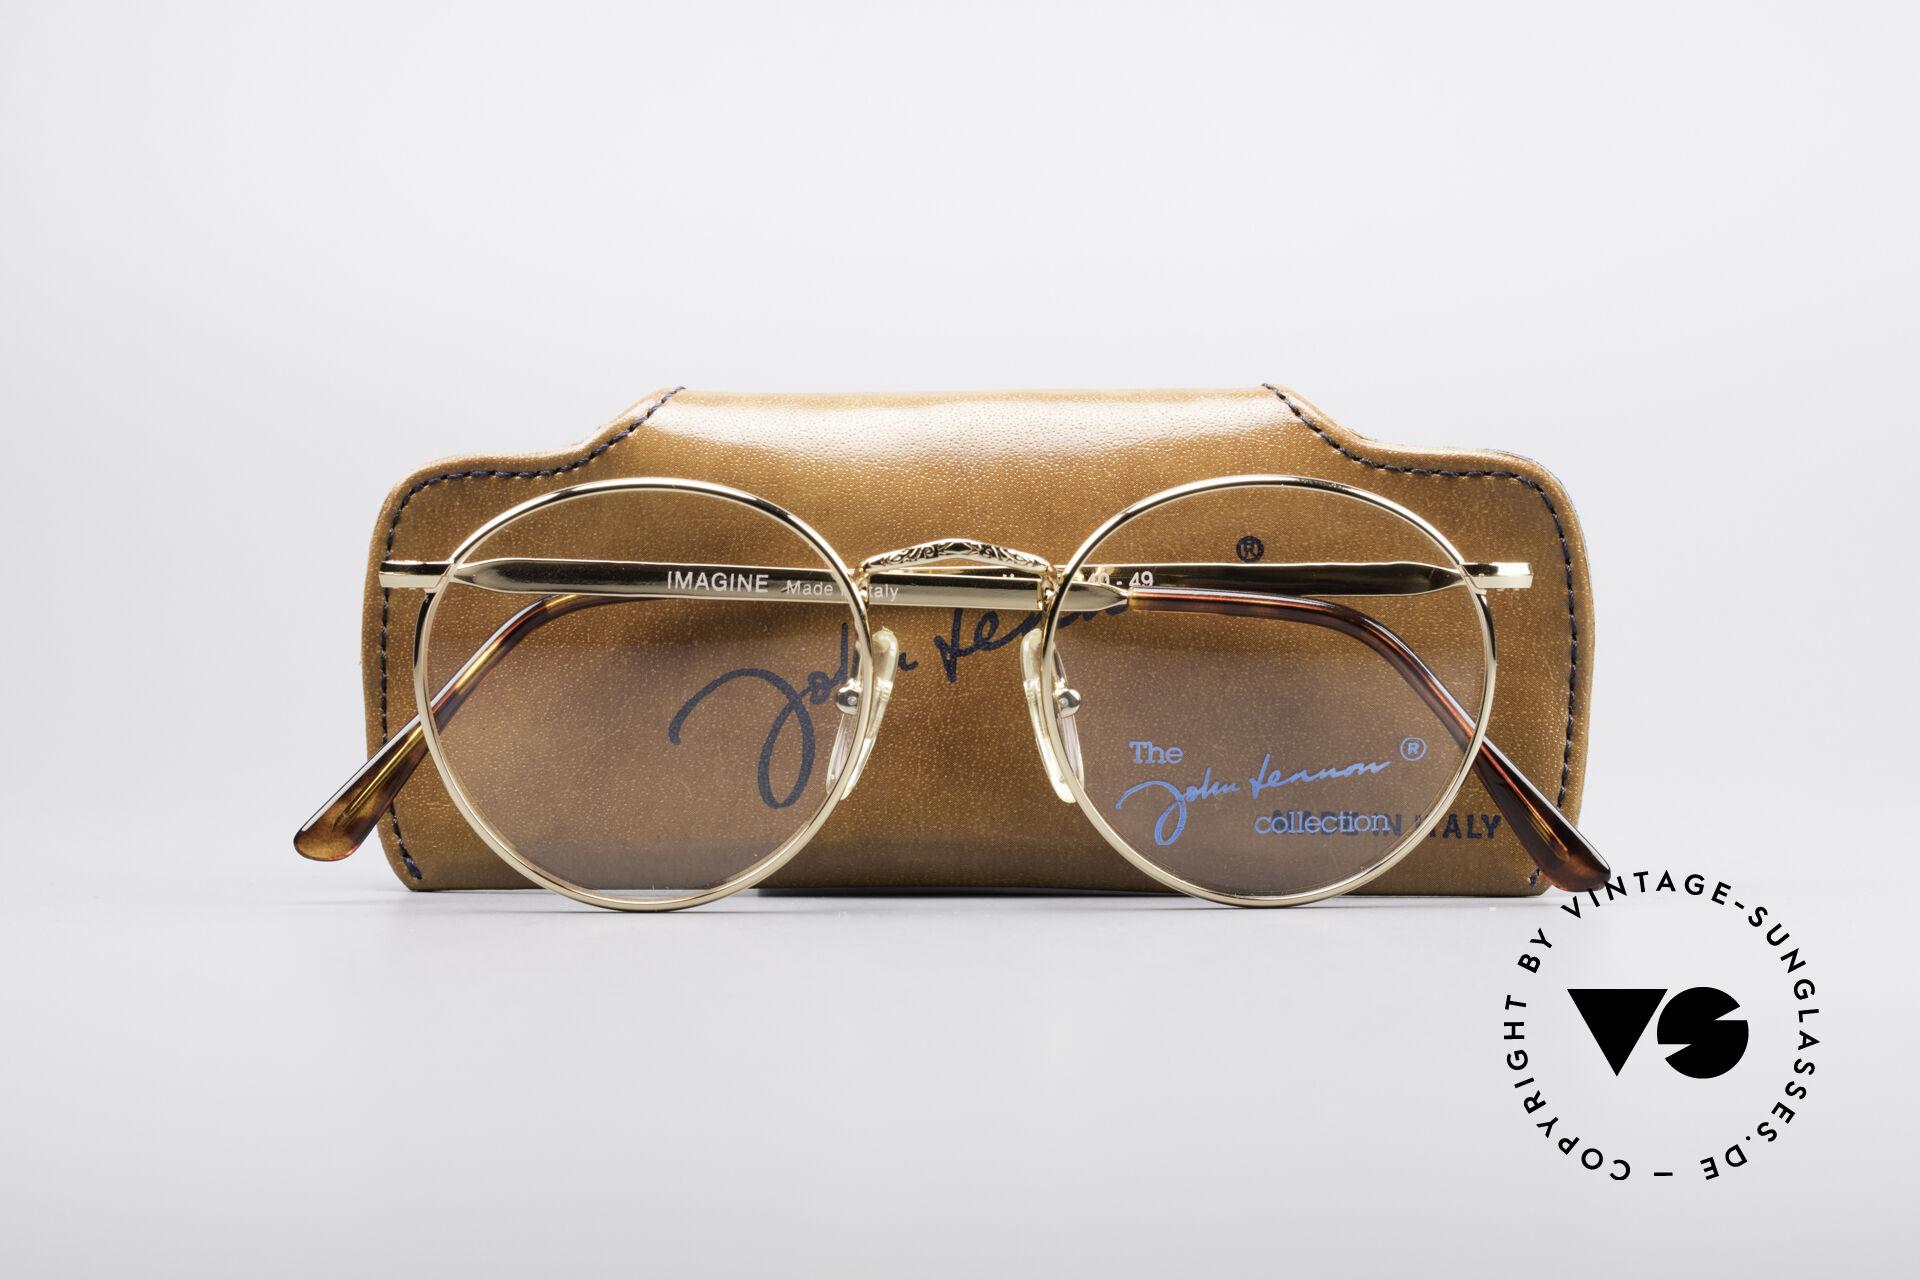 John Lennon - Imagine Kleine Runde Vintage Brille, KEINE RETRO-BRILLE, sondern ein altes Original, Passend für Herren und Damen